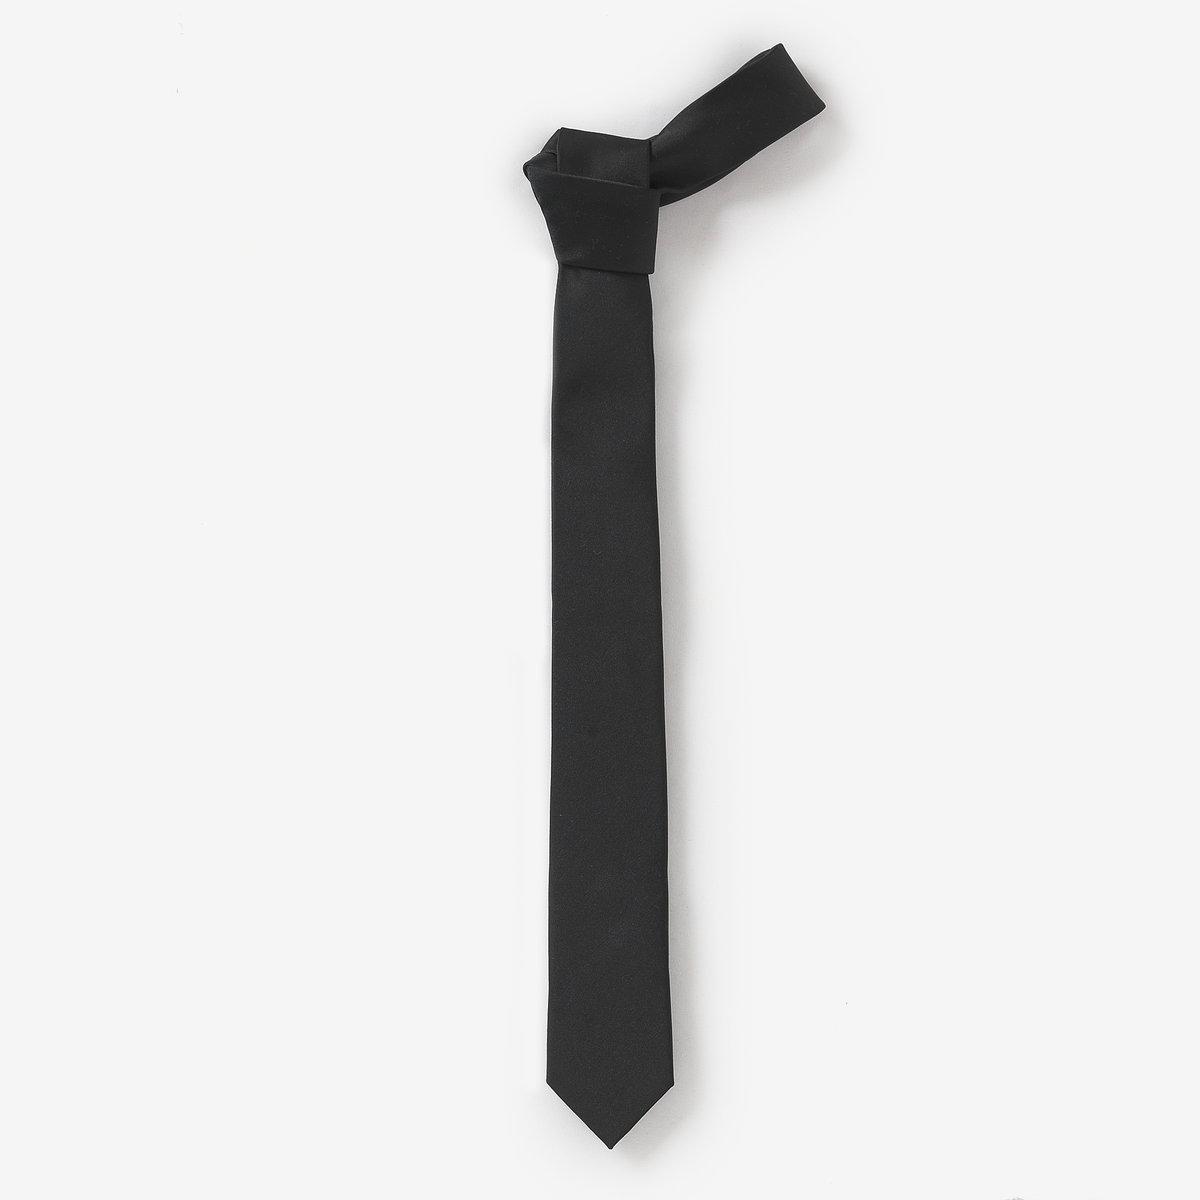 Галстук завязать тонкий галстук фото